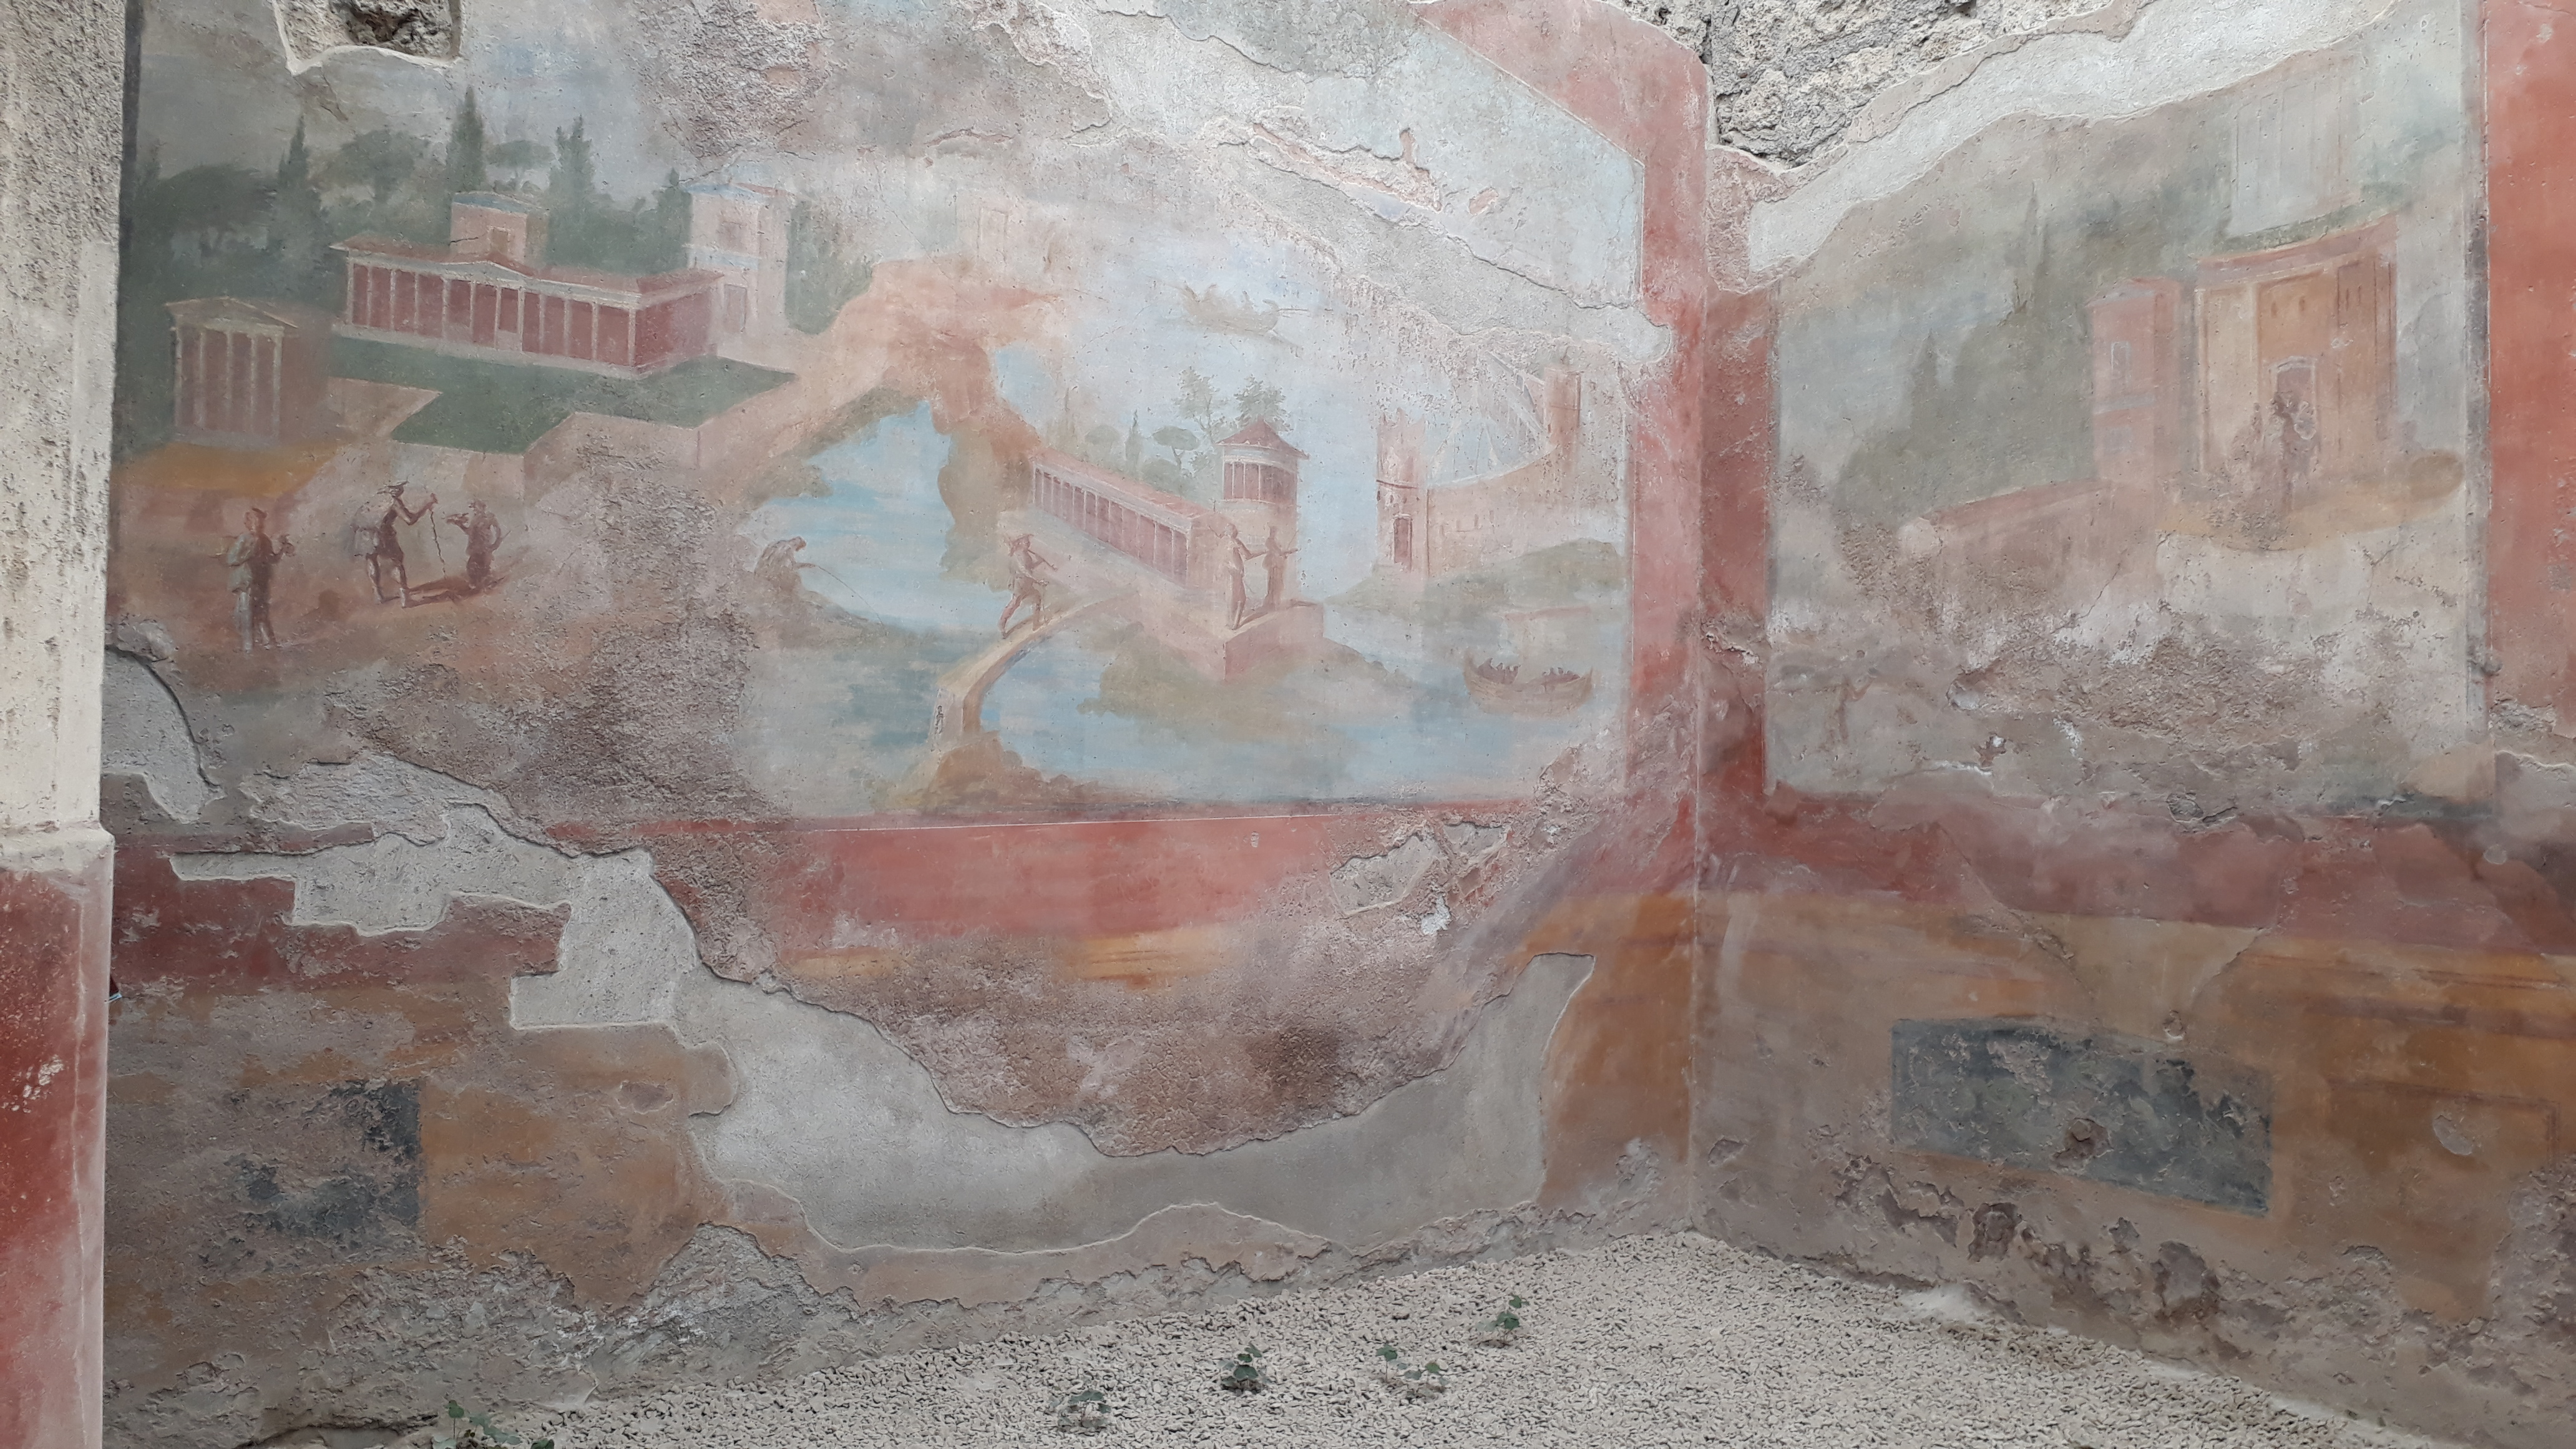 Sehr gut erhaltene Fresken, entdeckt bei den Ausgrabungen in der antiken Stadt Pompeji, die vor fast 2000 Jahren vom bei einem Vulkanausbruch vernichtet wurde.